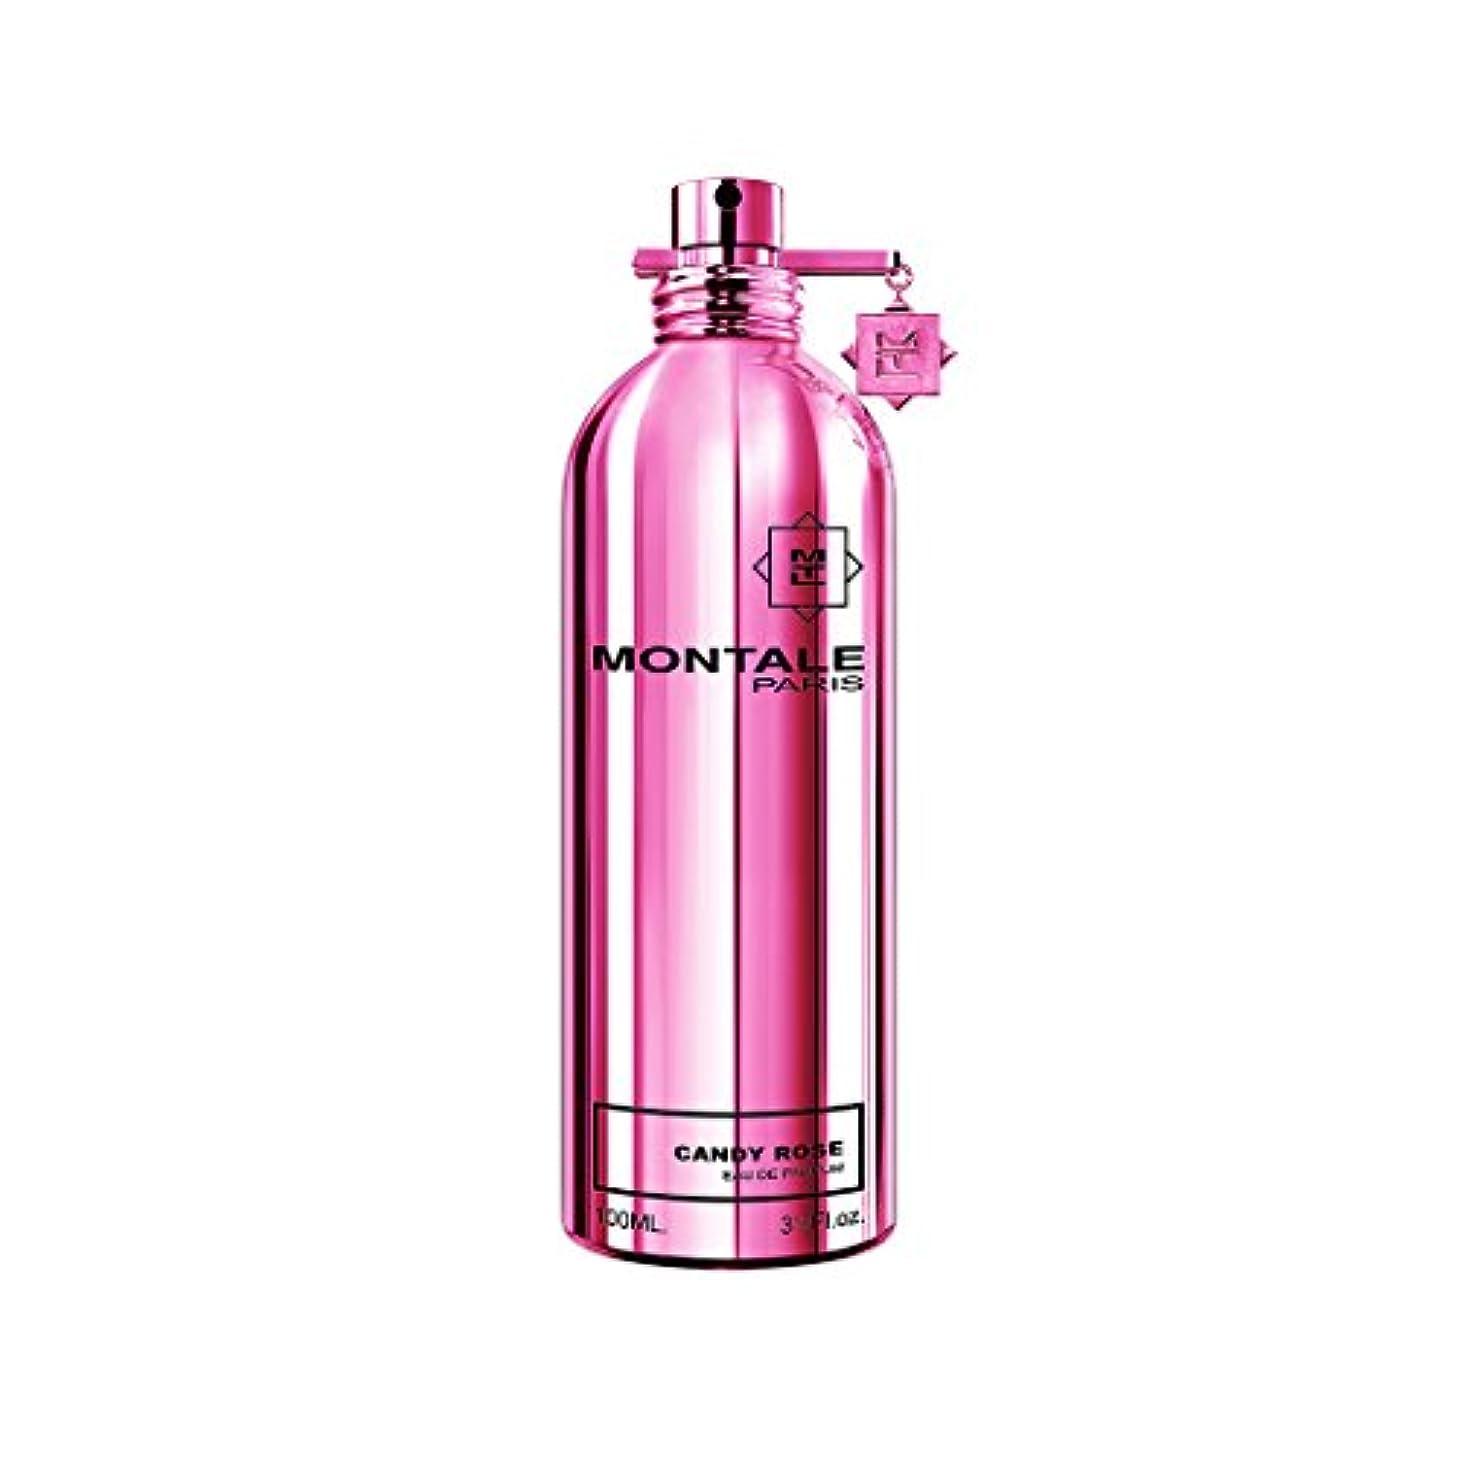 十代の若者たち属性ケープMontale Candy Rose by Montale Eau De Parfum Spray 3.4 oz / 100 ml (Women)